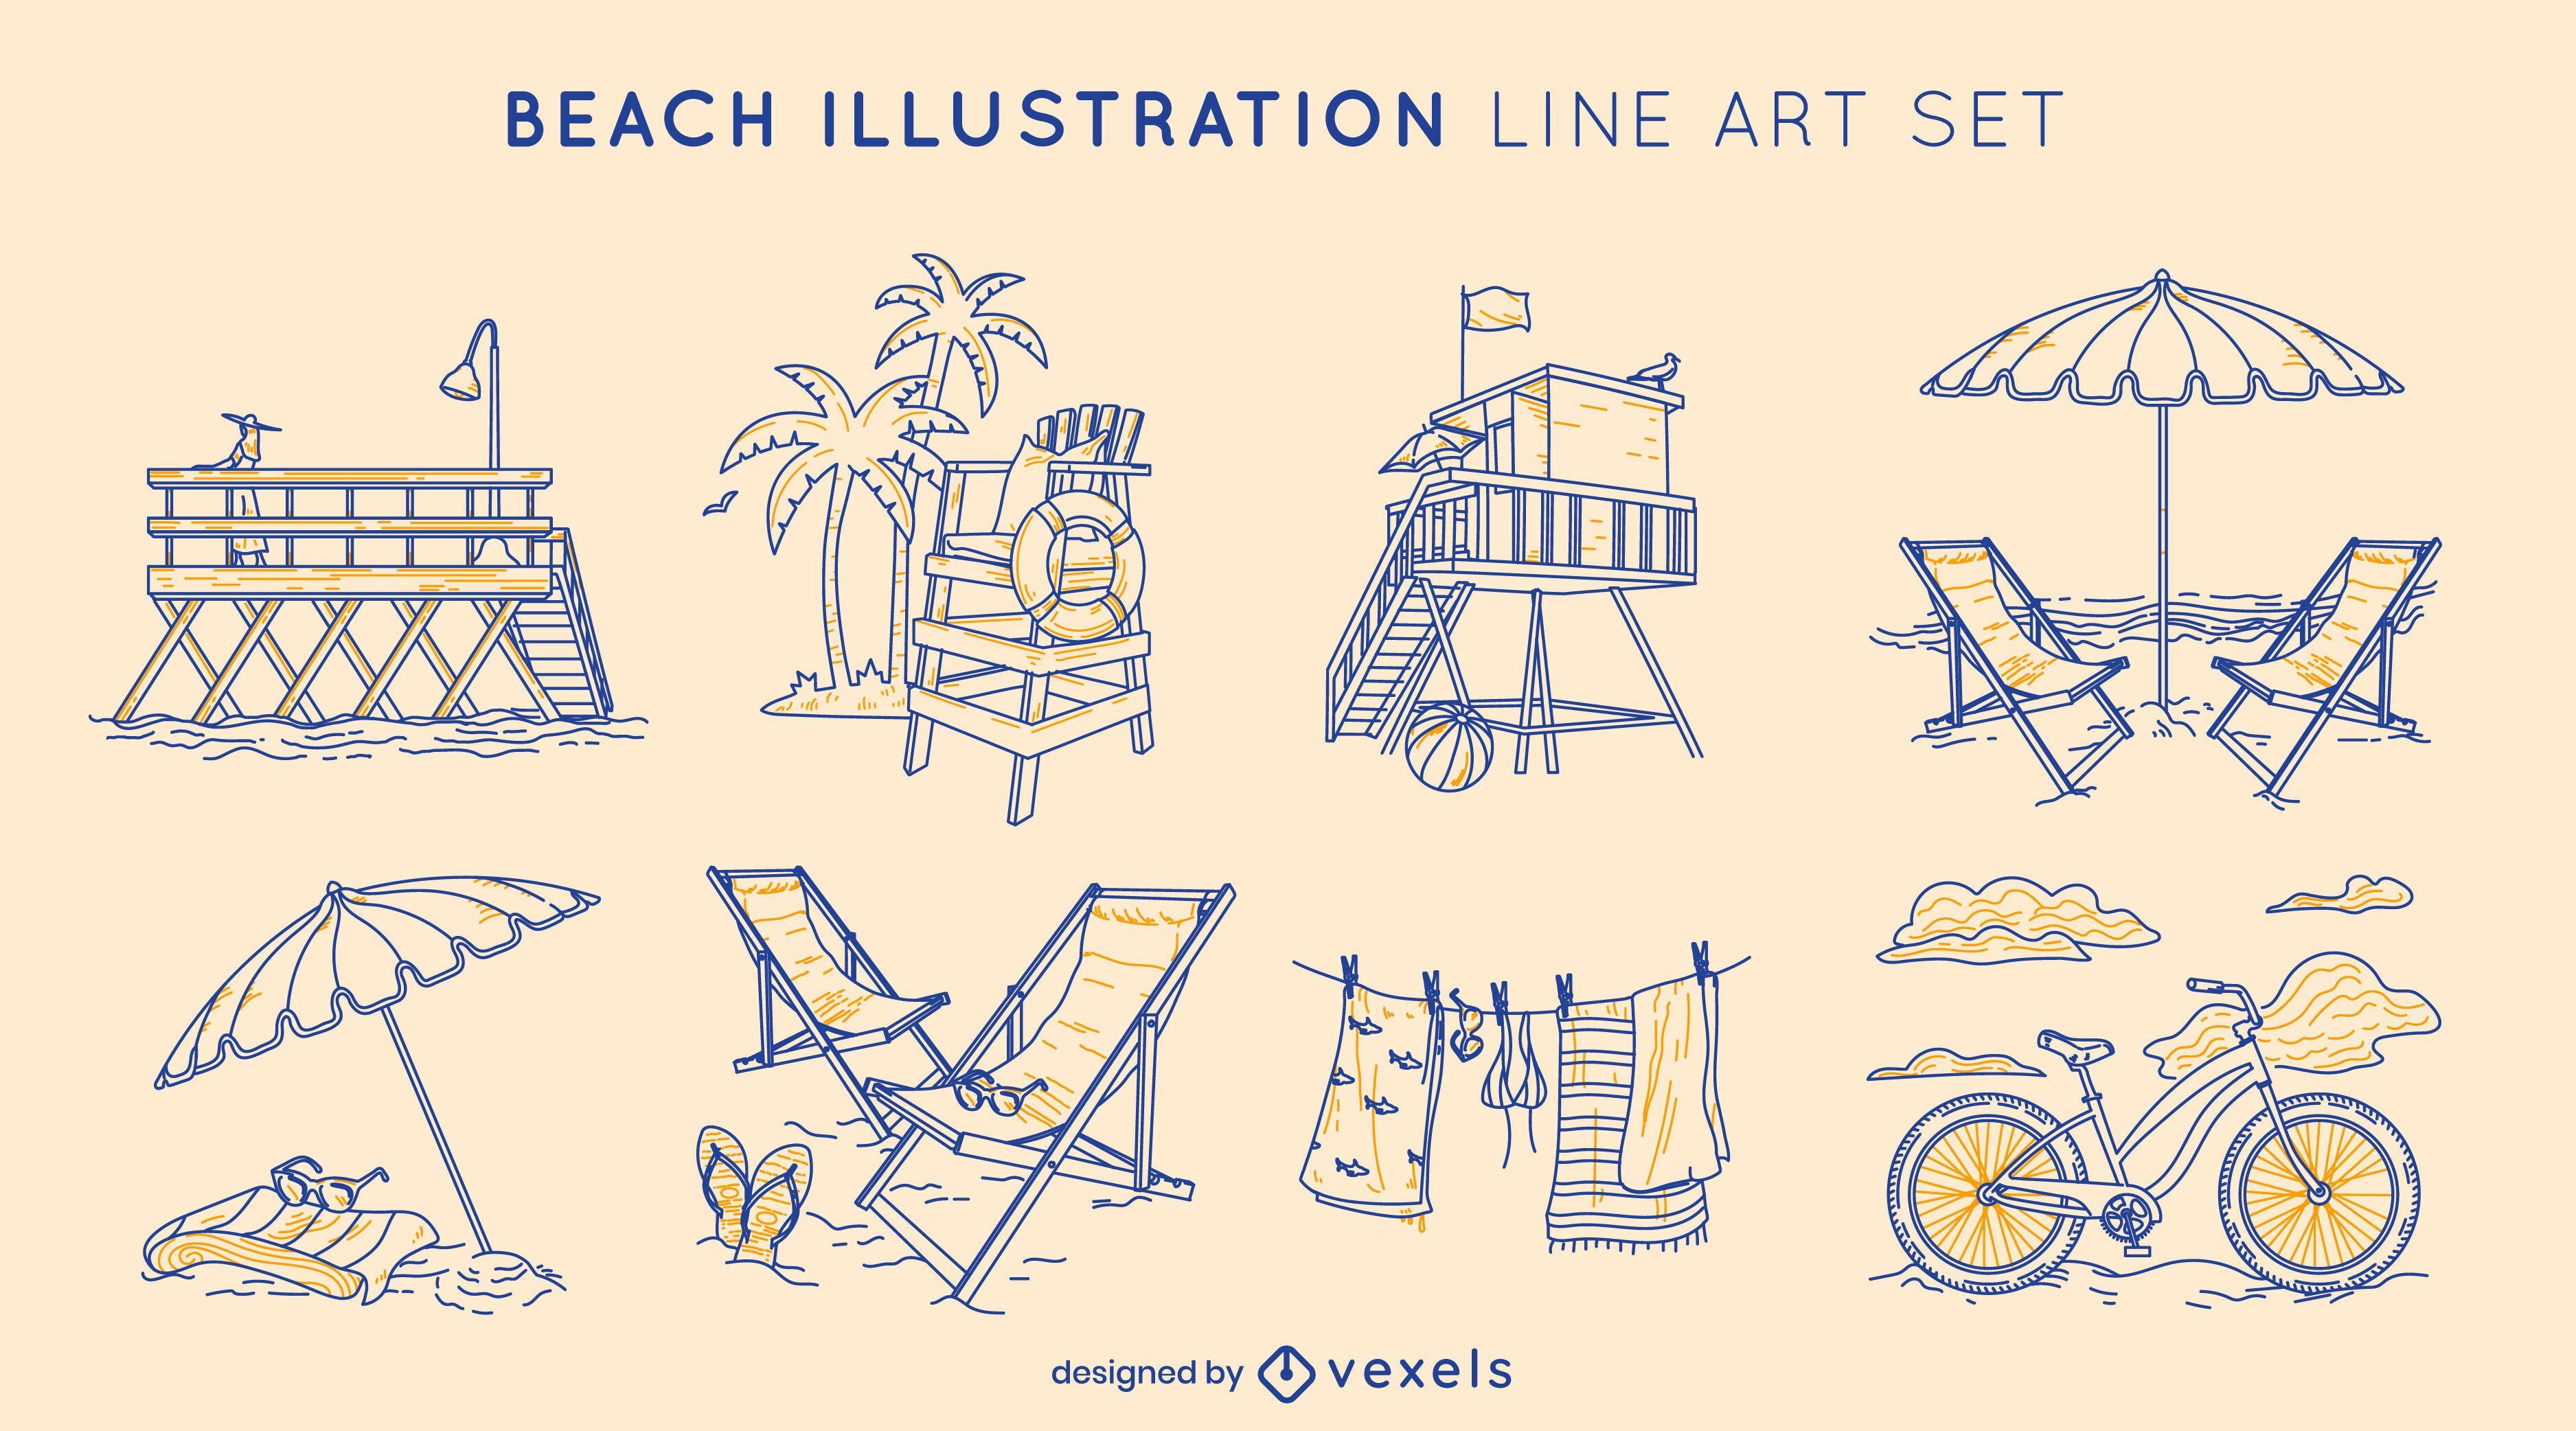 Summer beach elements line art set